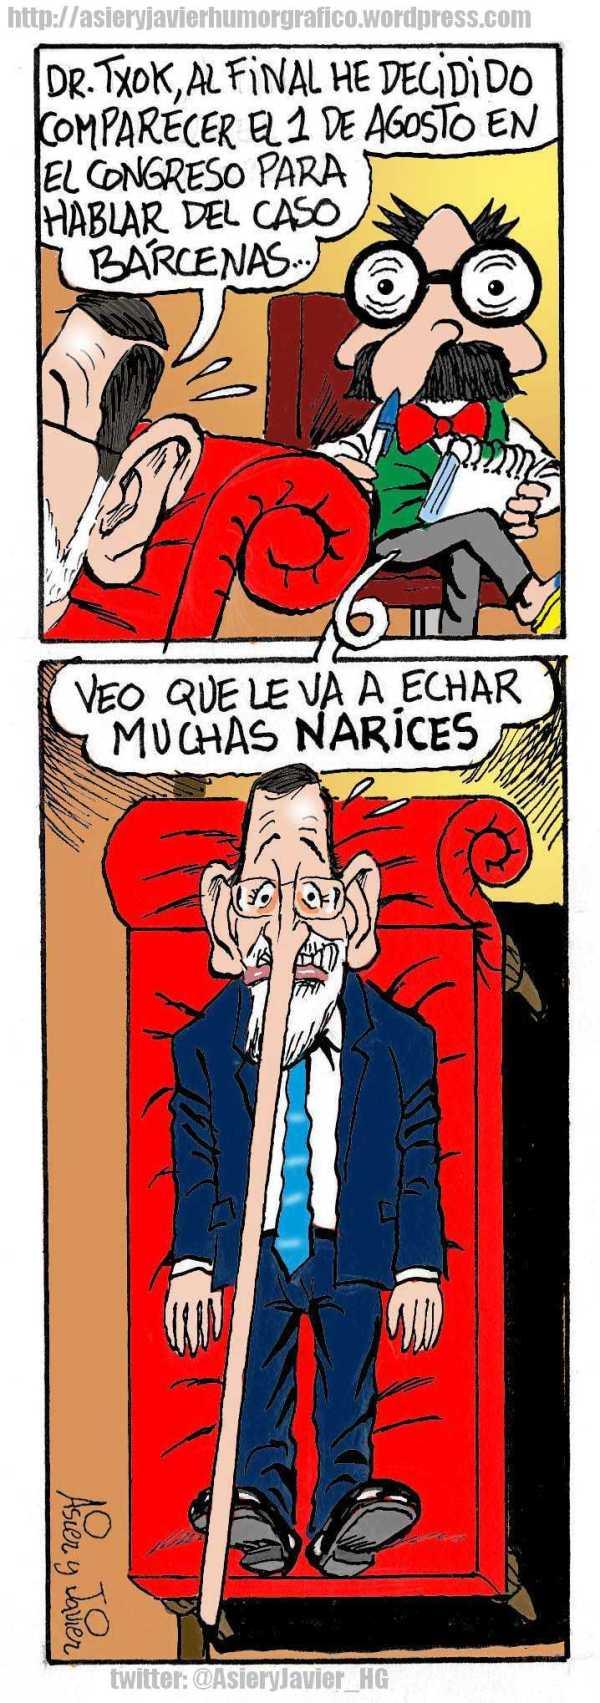 Rajoy afirma ante el doctor Txok que va a echarle narices al caso Bárcenas. Humor gráfico, caricaturas.